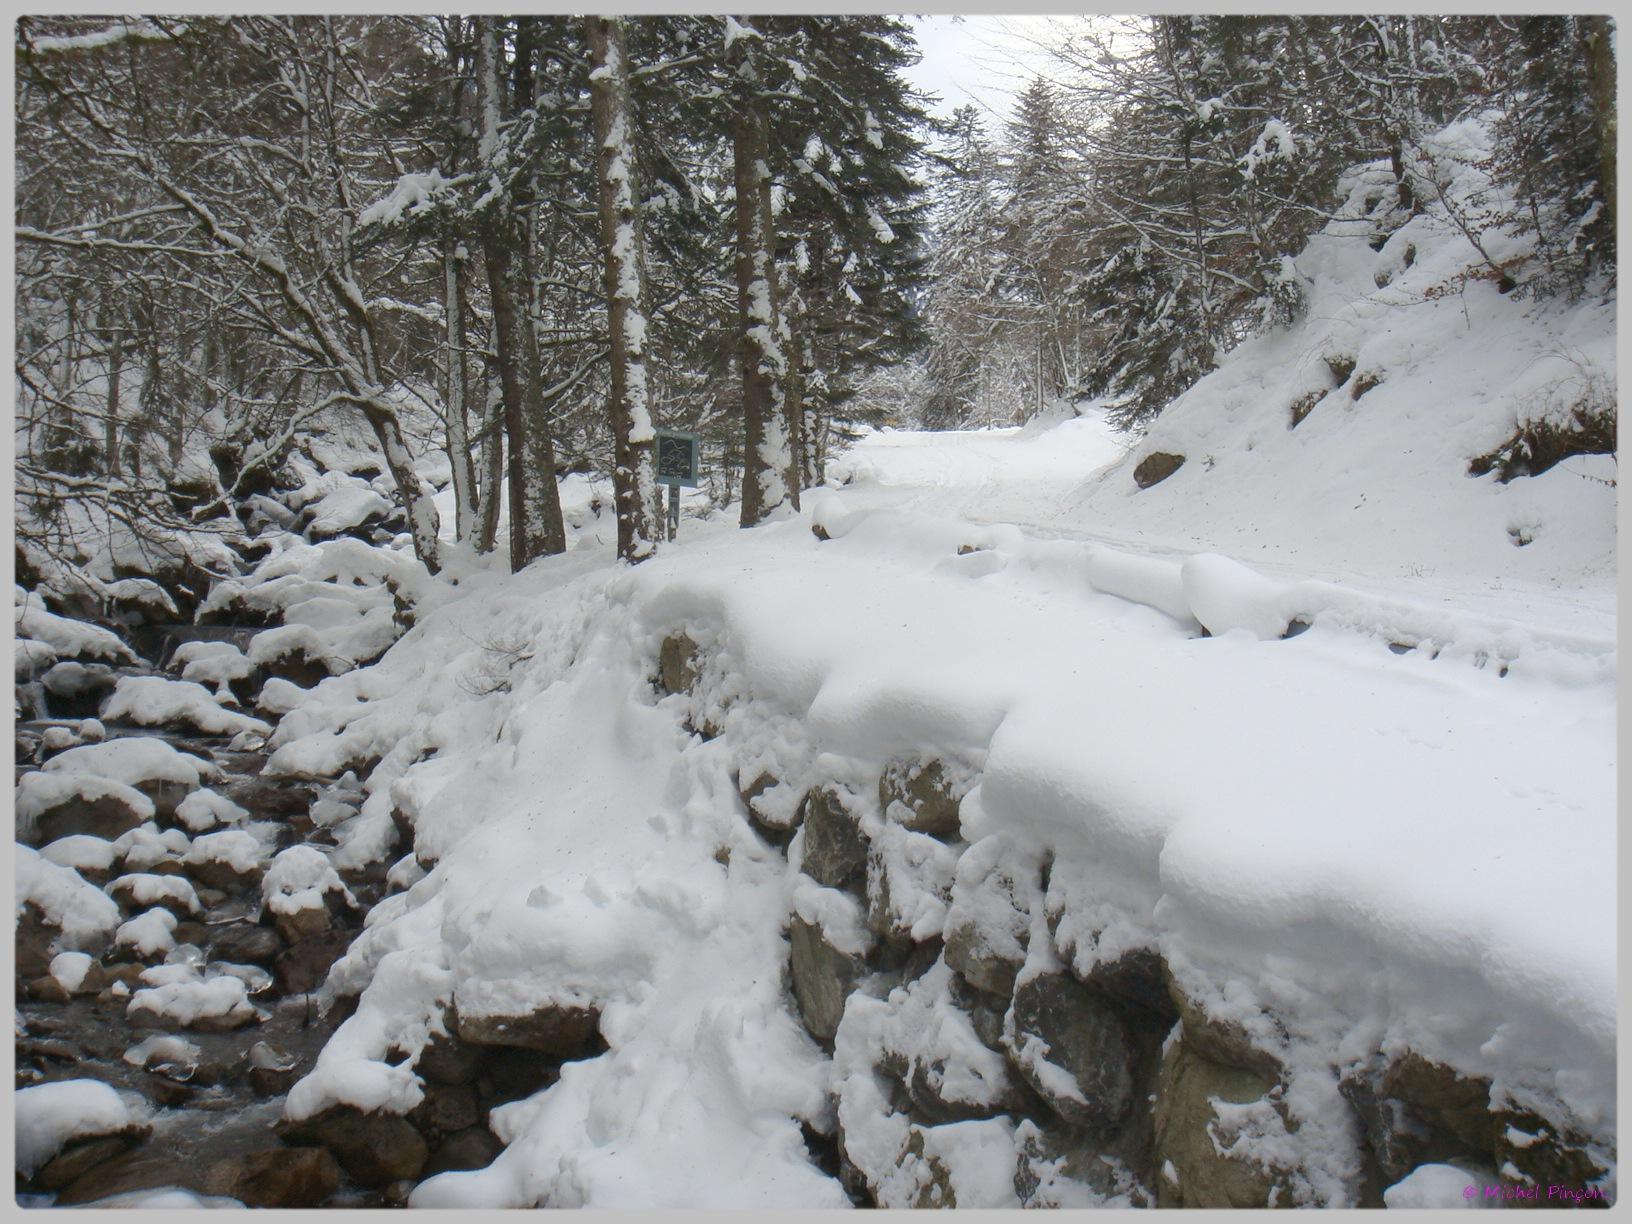 Une semaine à la Neige dans les Htes Pyrénées - Page 2 747701DSC011872